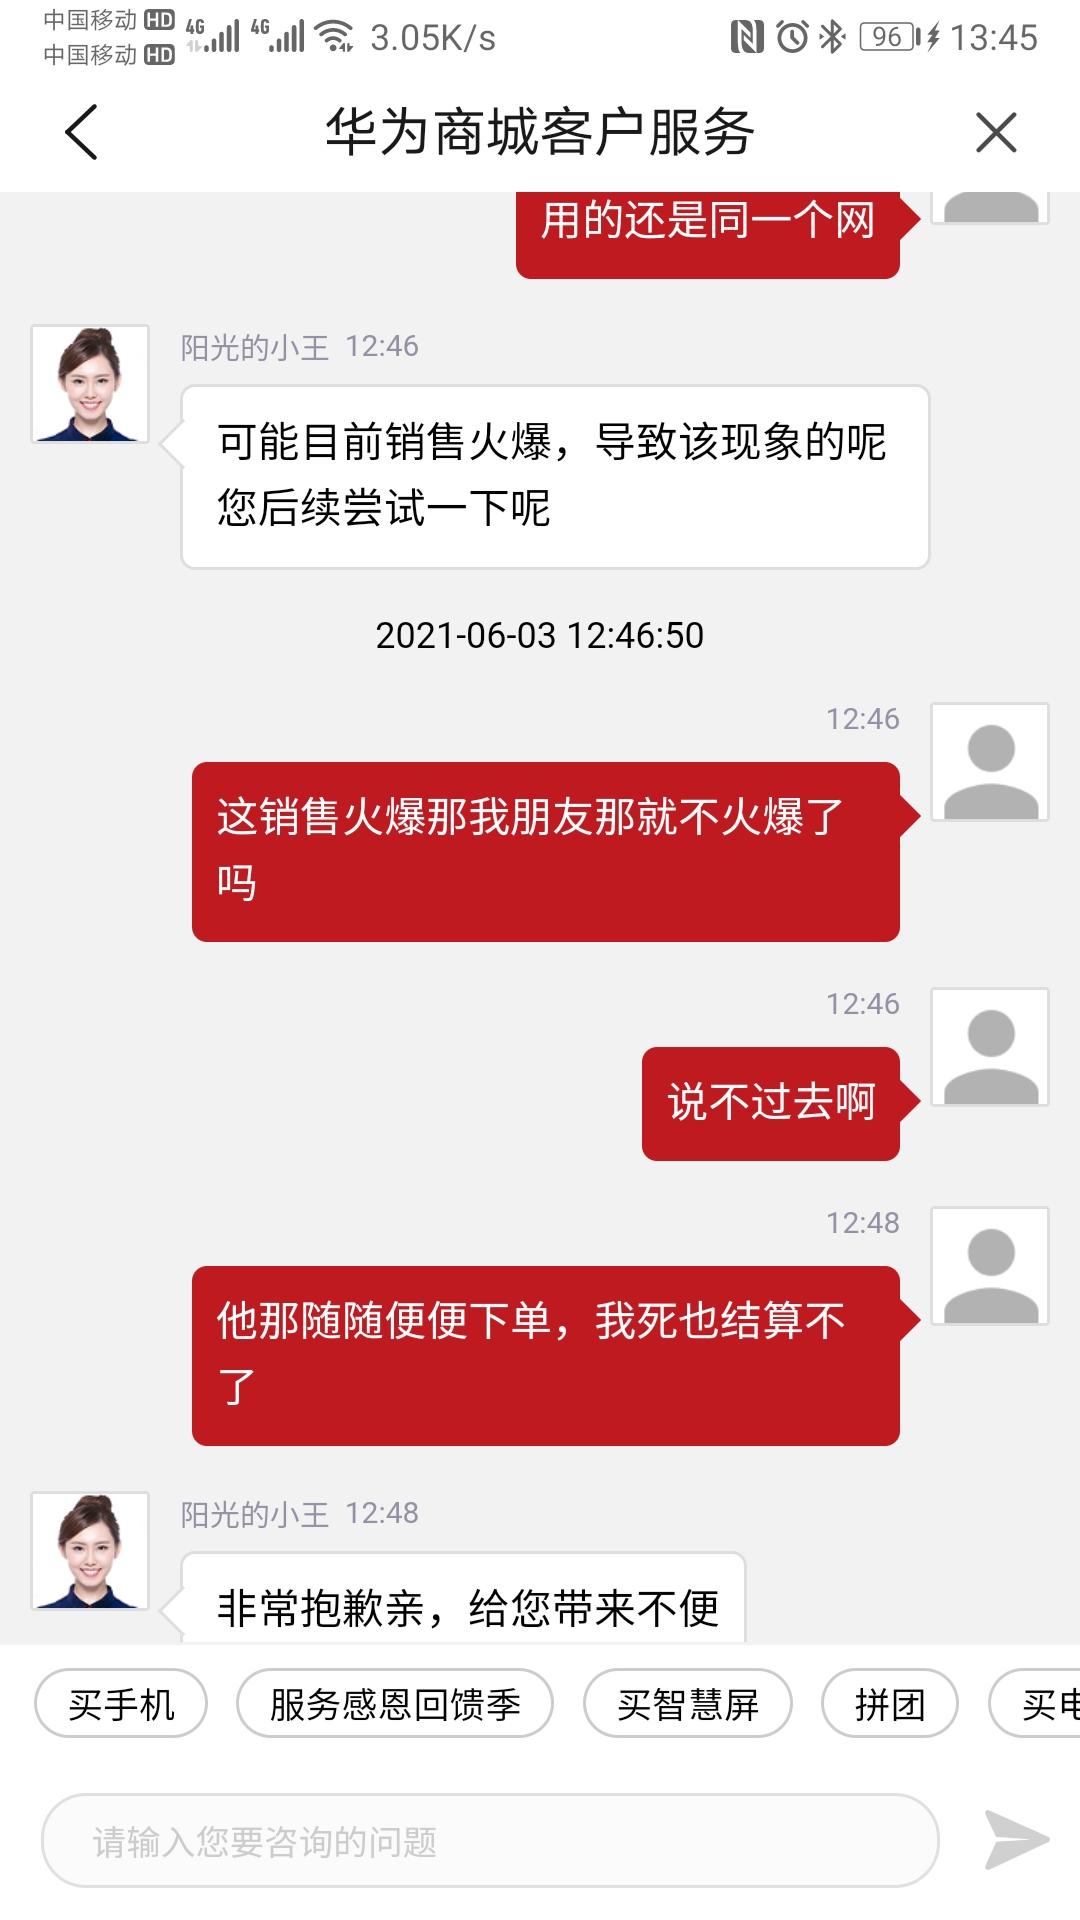 Screenshot_20210603_134547_com.vmall.client.jpg